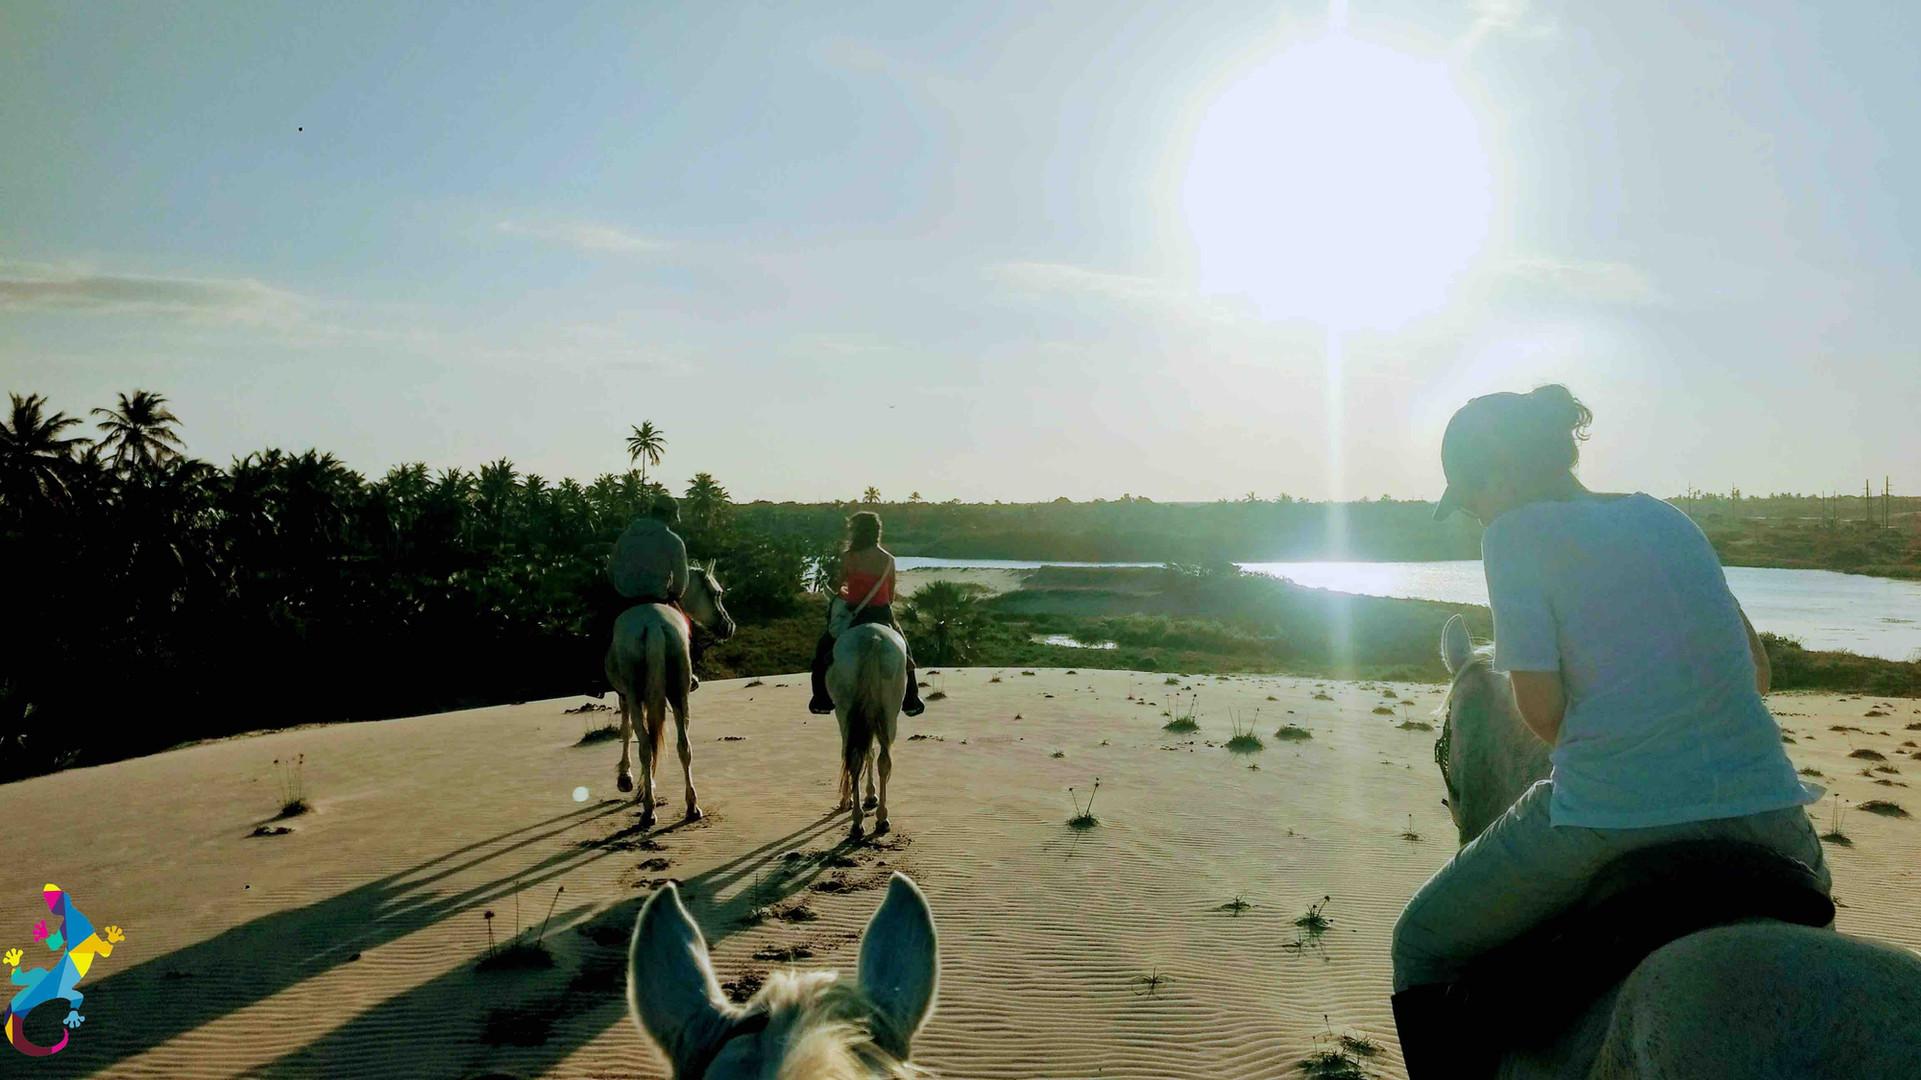 Randonnée à cheval sur la plage, les lagunes et le maquis à Parajuru Brésil avec le Castelo Vendom.